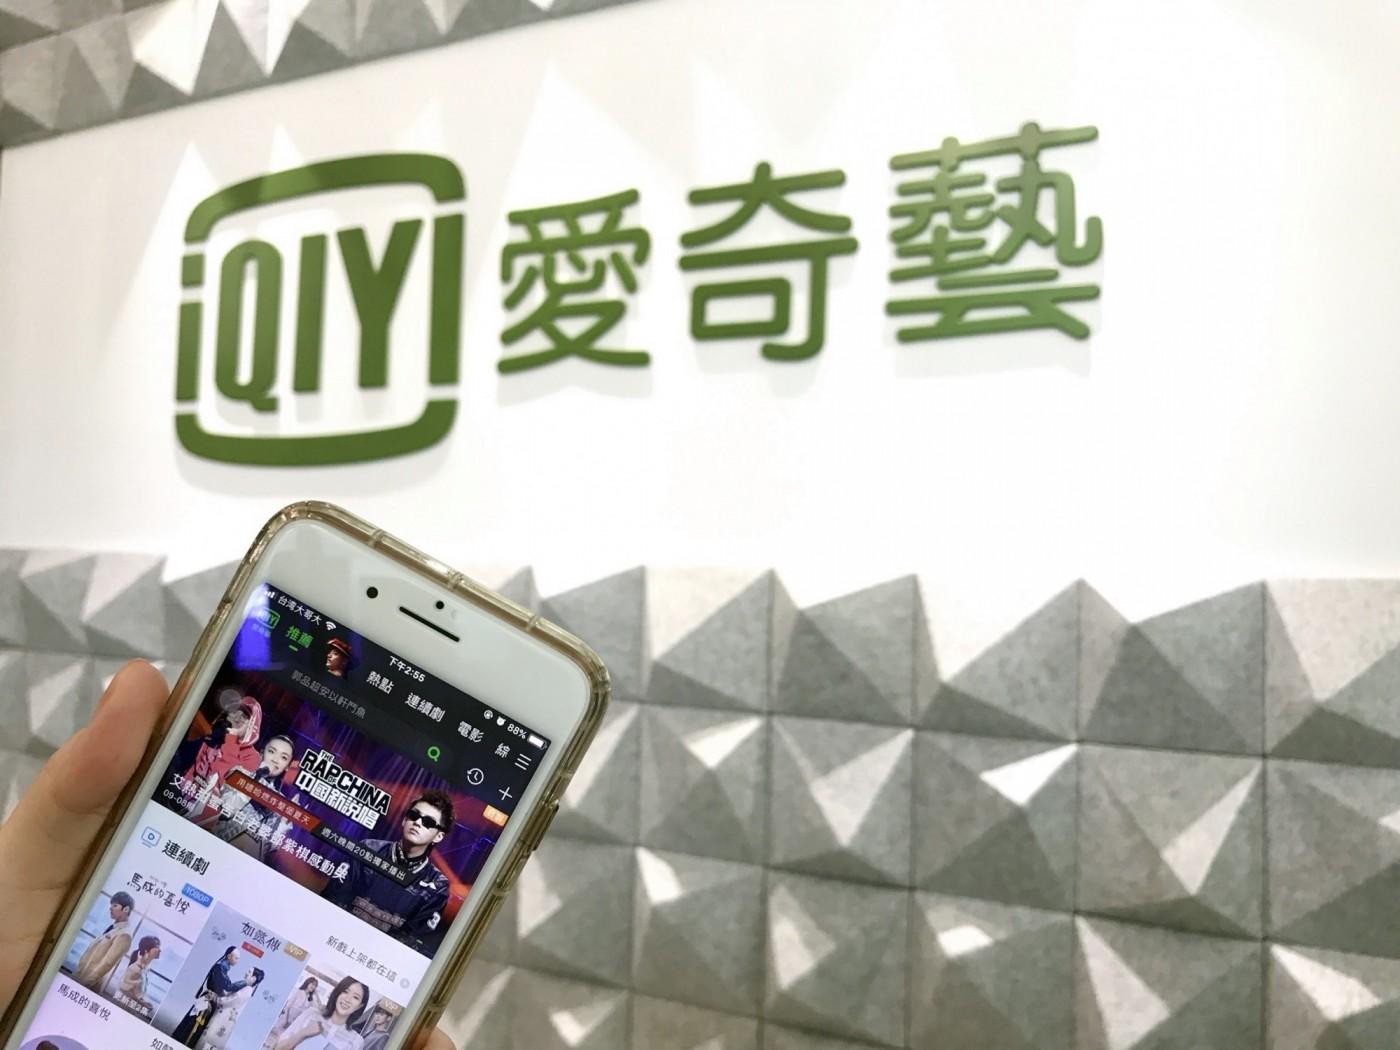 打擊盜版之外,台灣OTT下一個更大難題是愛奇藝、Netflix跨境威逼